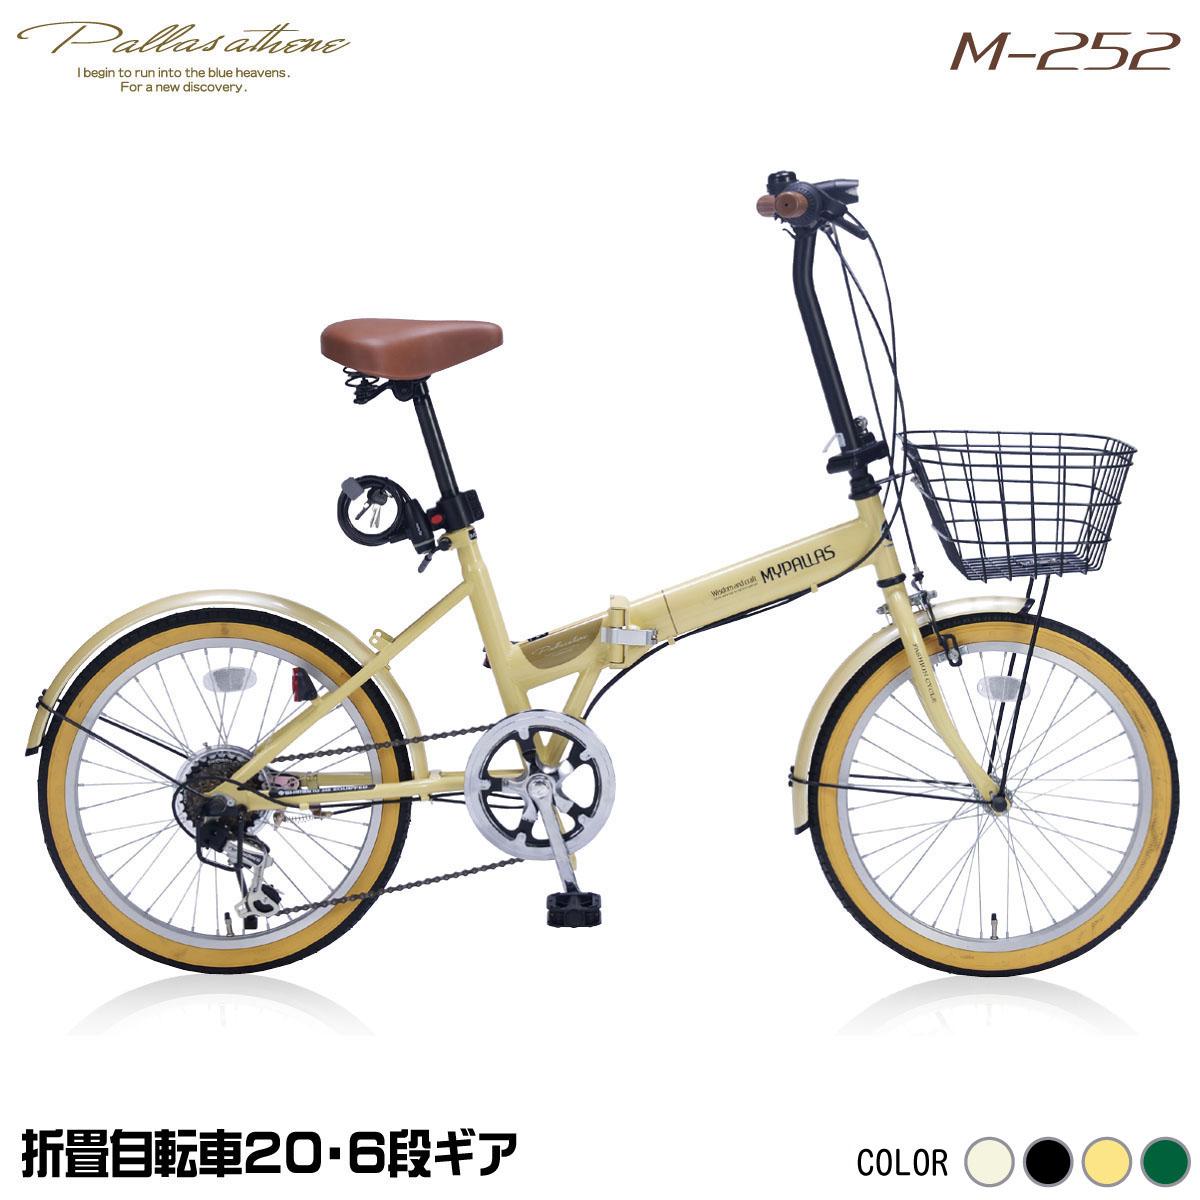 【送料無料】マイパラス M-252-NA ナチュラル [折りたたみ自転車(20インチ・6段変速)] 【同梱配送不可】【代引き・後払い決済不可】【本州以外の配送不可】